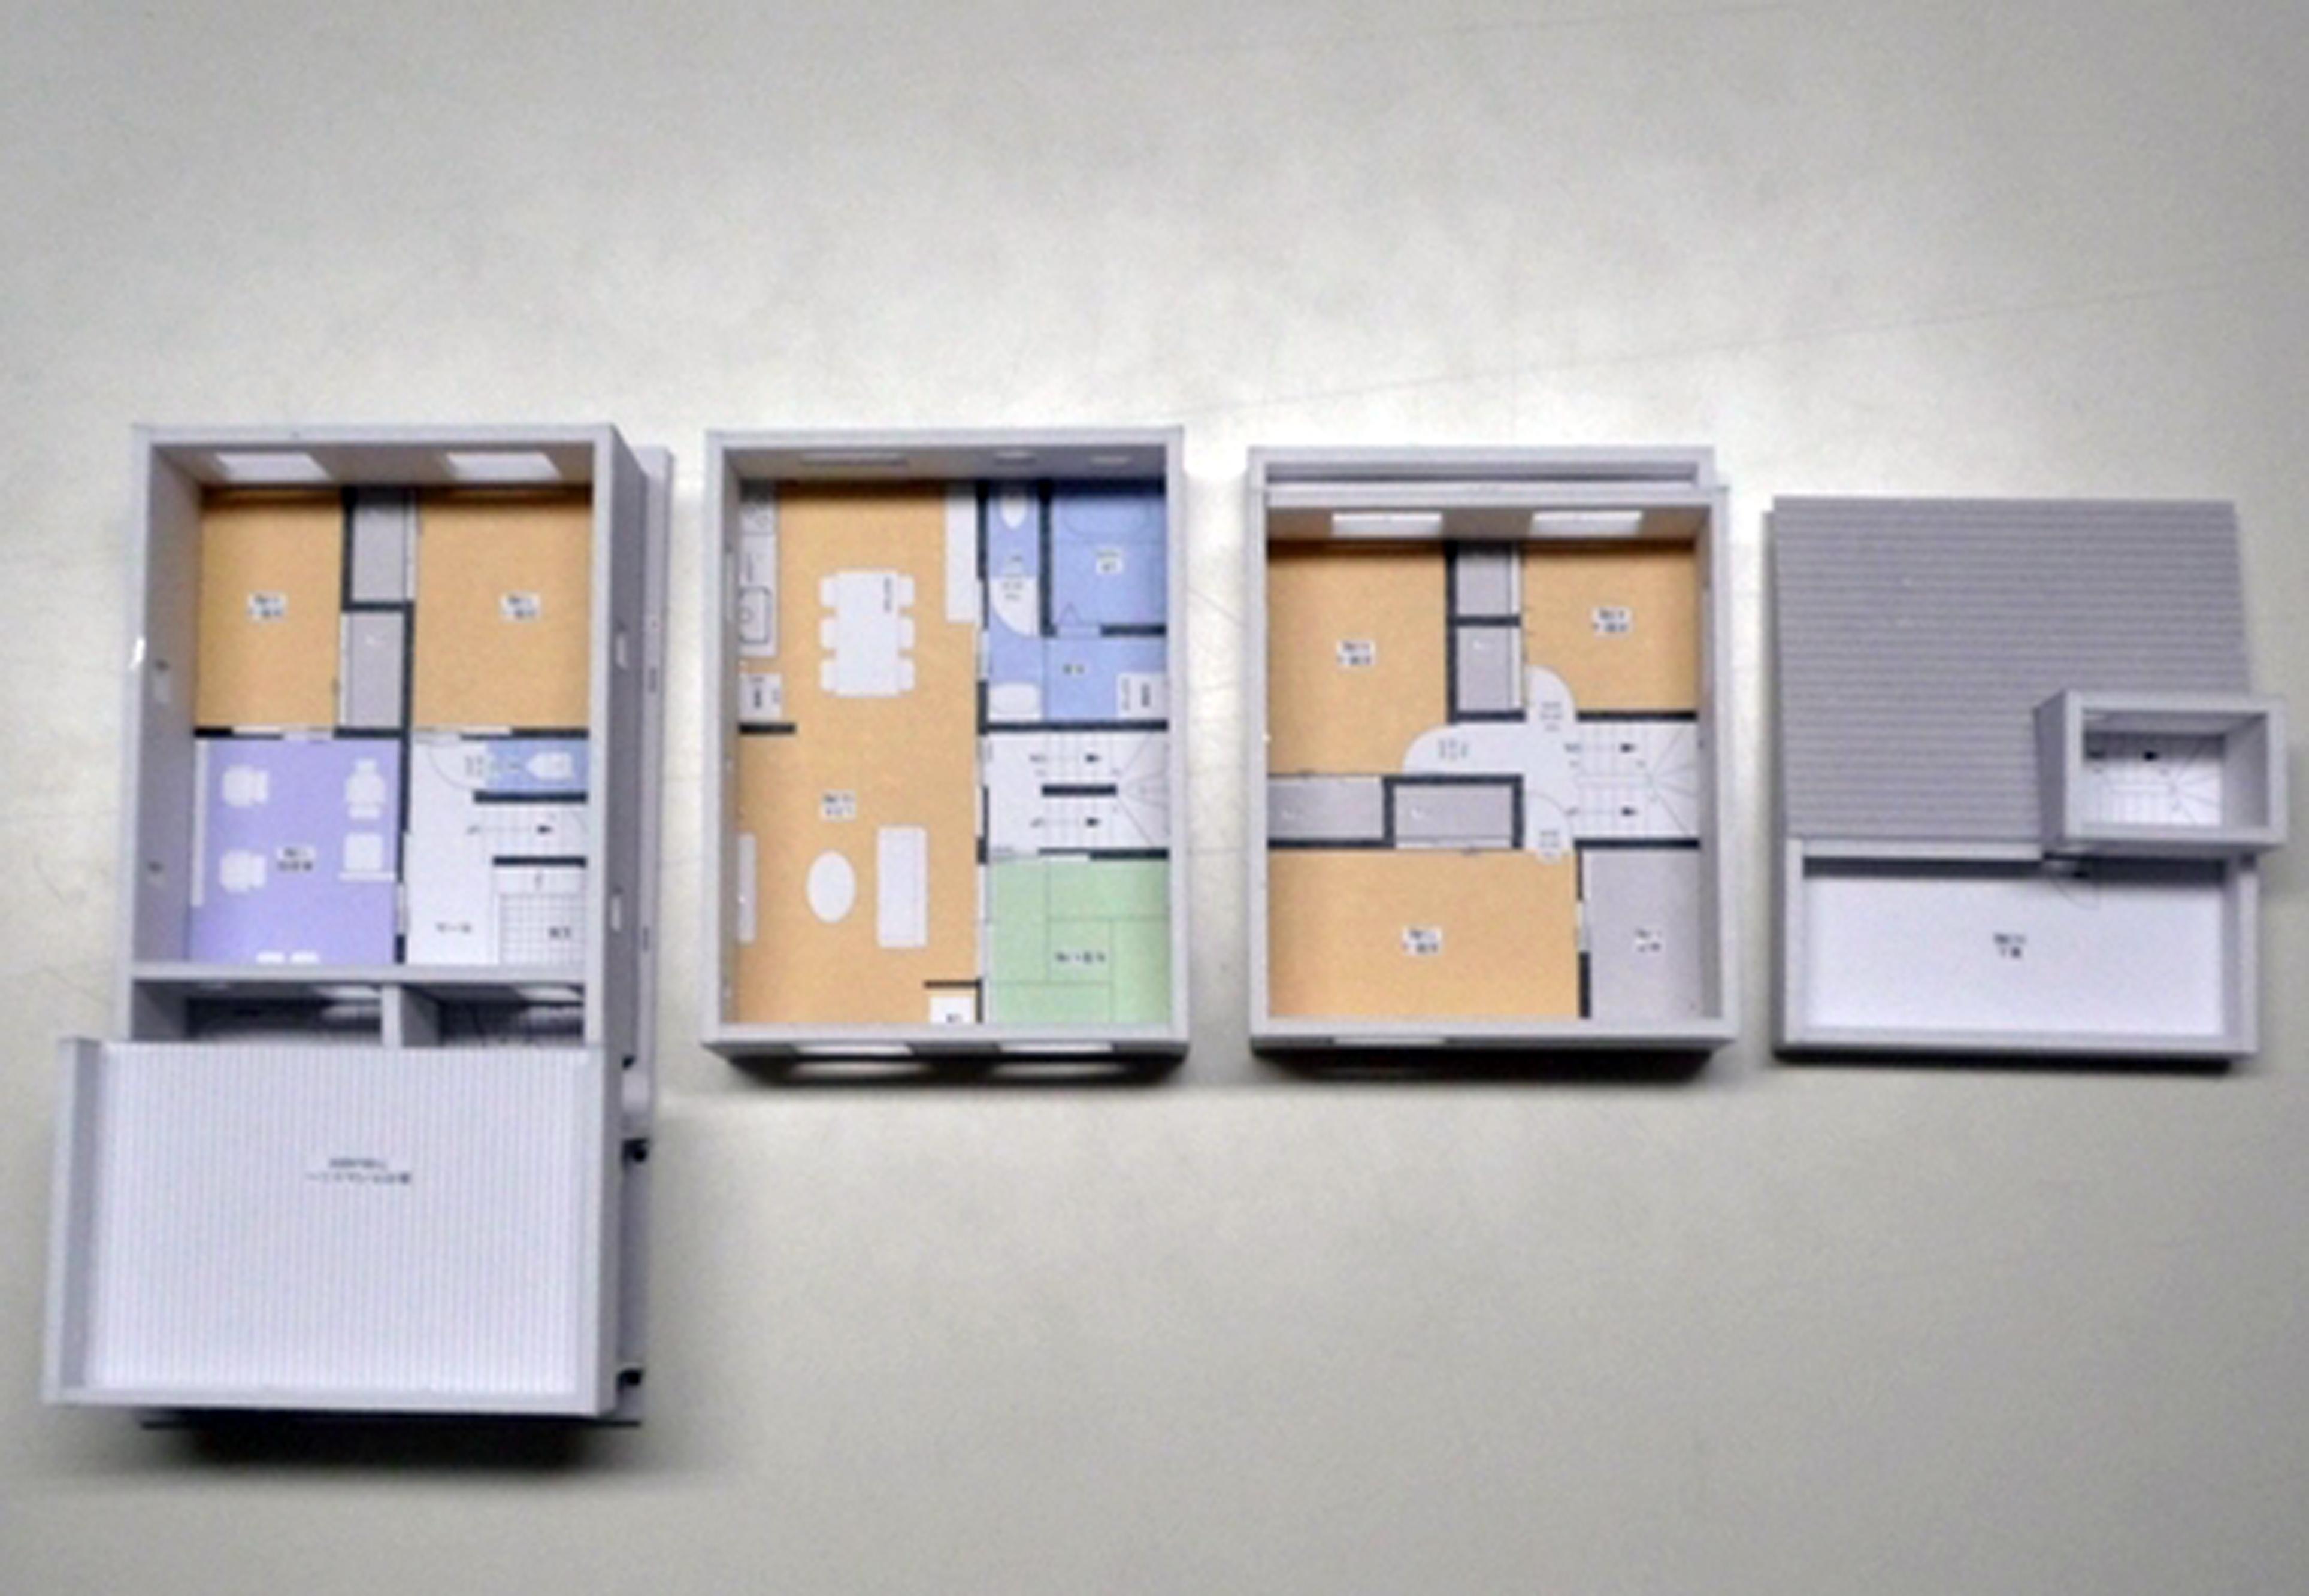 建築システム(狭小住宅専門店)【デザイン住宅、二世帯住宅、屋上バルコニー】着工前にイメージを掴む為に作った1/72の模型。         将来的にはバルコニーを設置して駐車スペースを雨に濡れない空間にする予定